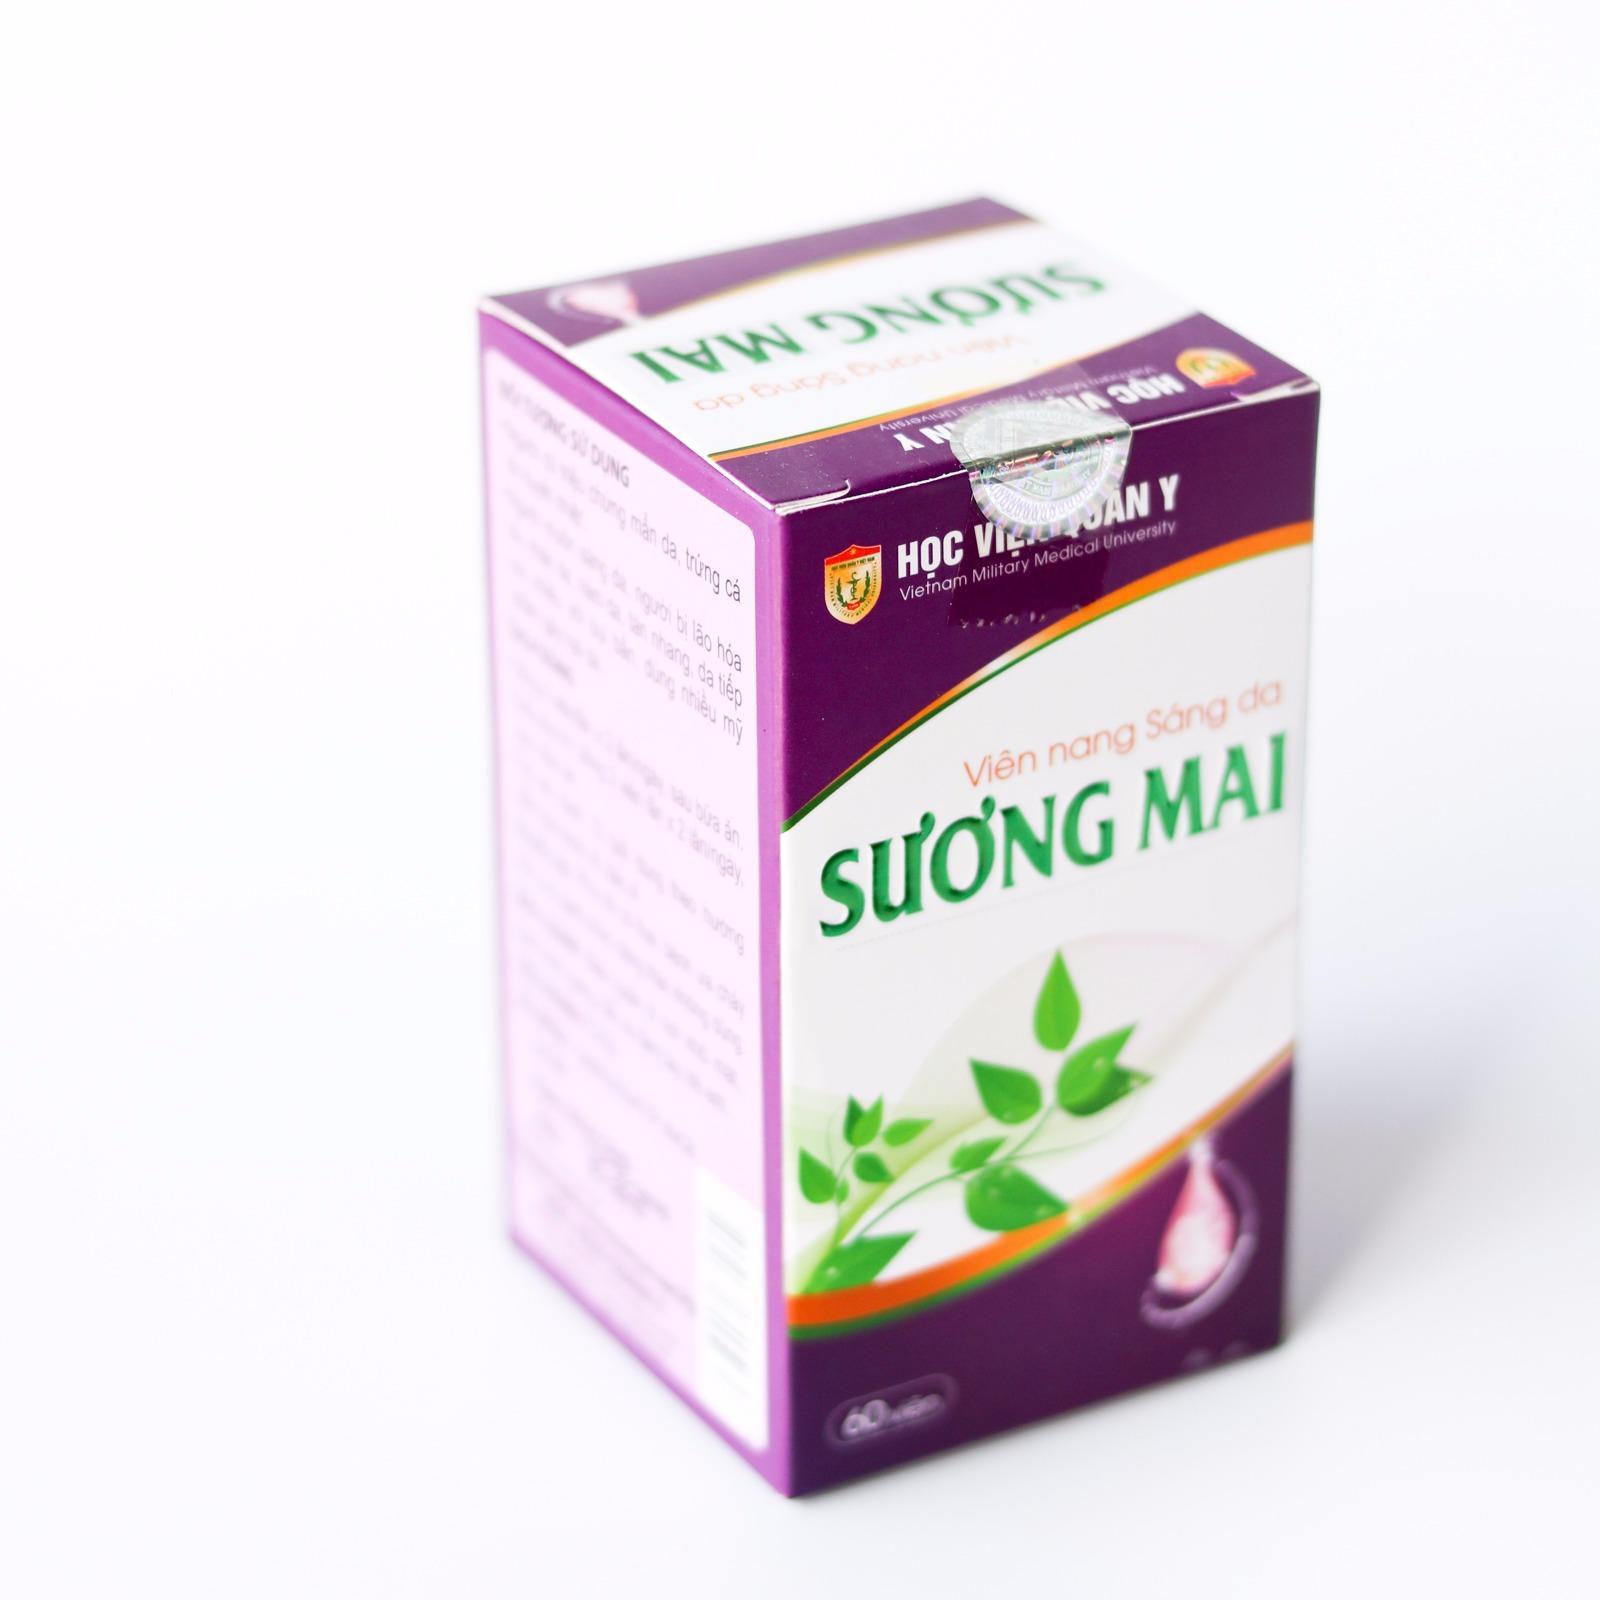 Mua Vien Uống Sang Da Sương Mai Học Viện Quan Y 60 Vien Trong Hồ Chí Minh